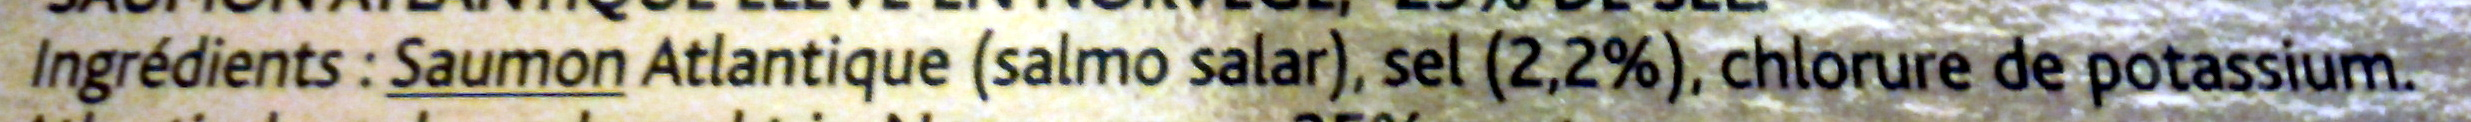 Saumon fumé Le Norvège (-25% de sel) - Ingrédients - fr